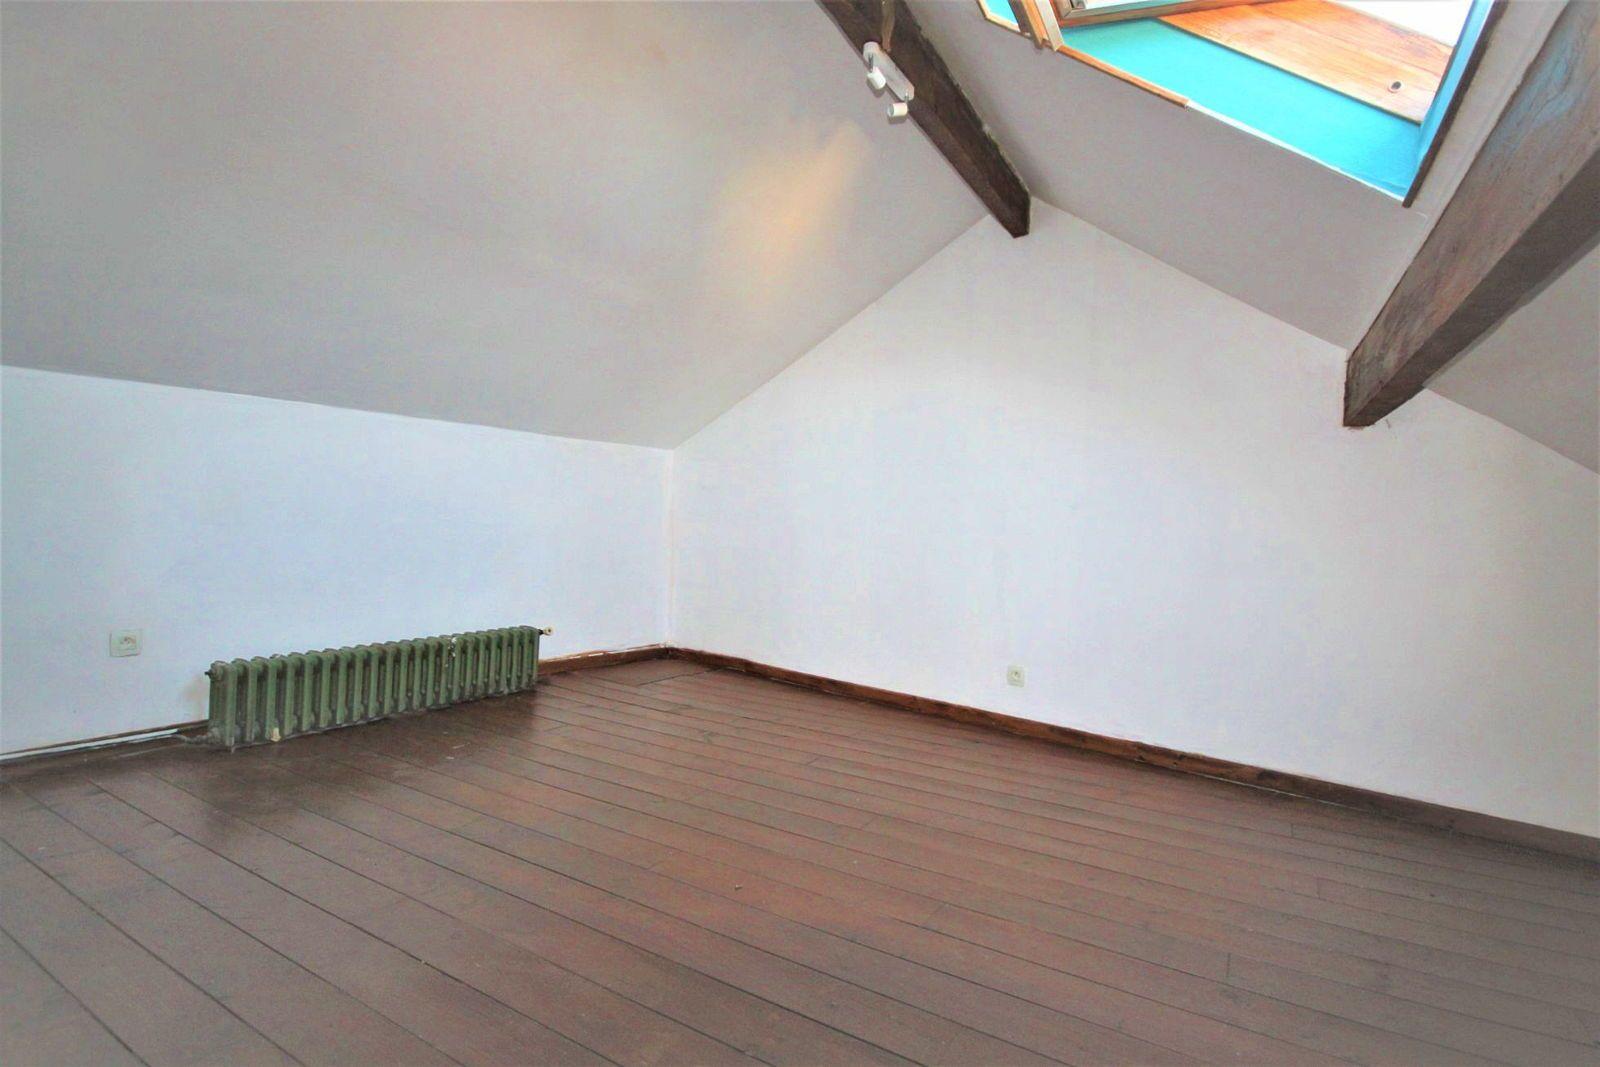 Vends Maison 110m² Petit Clamart 4chambres + Studio - Clamart (92)